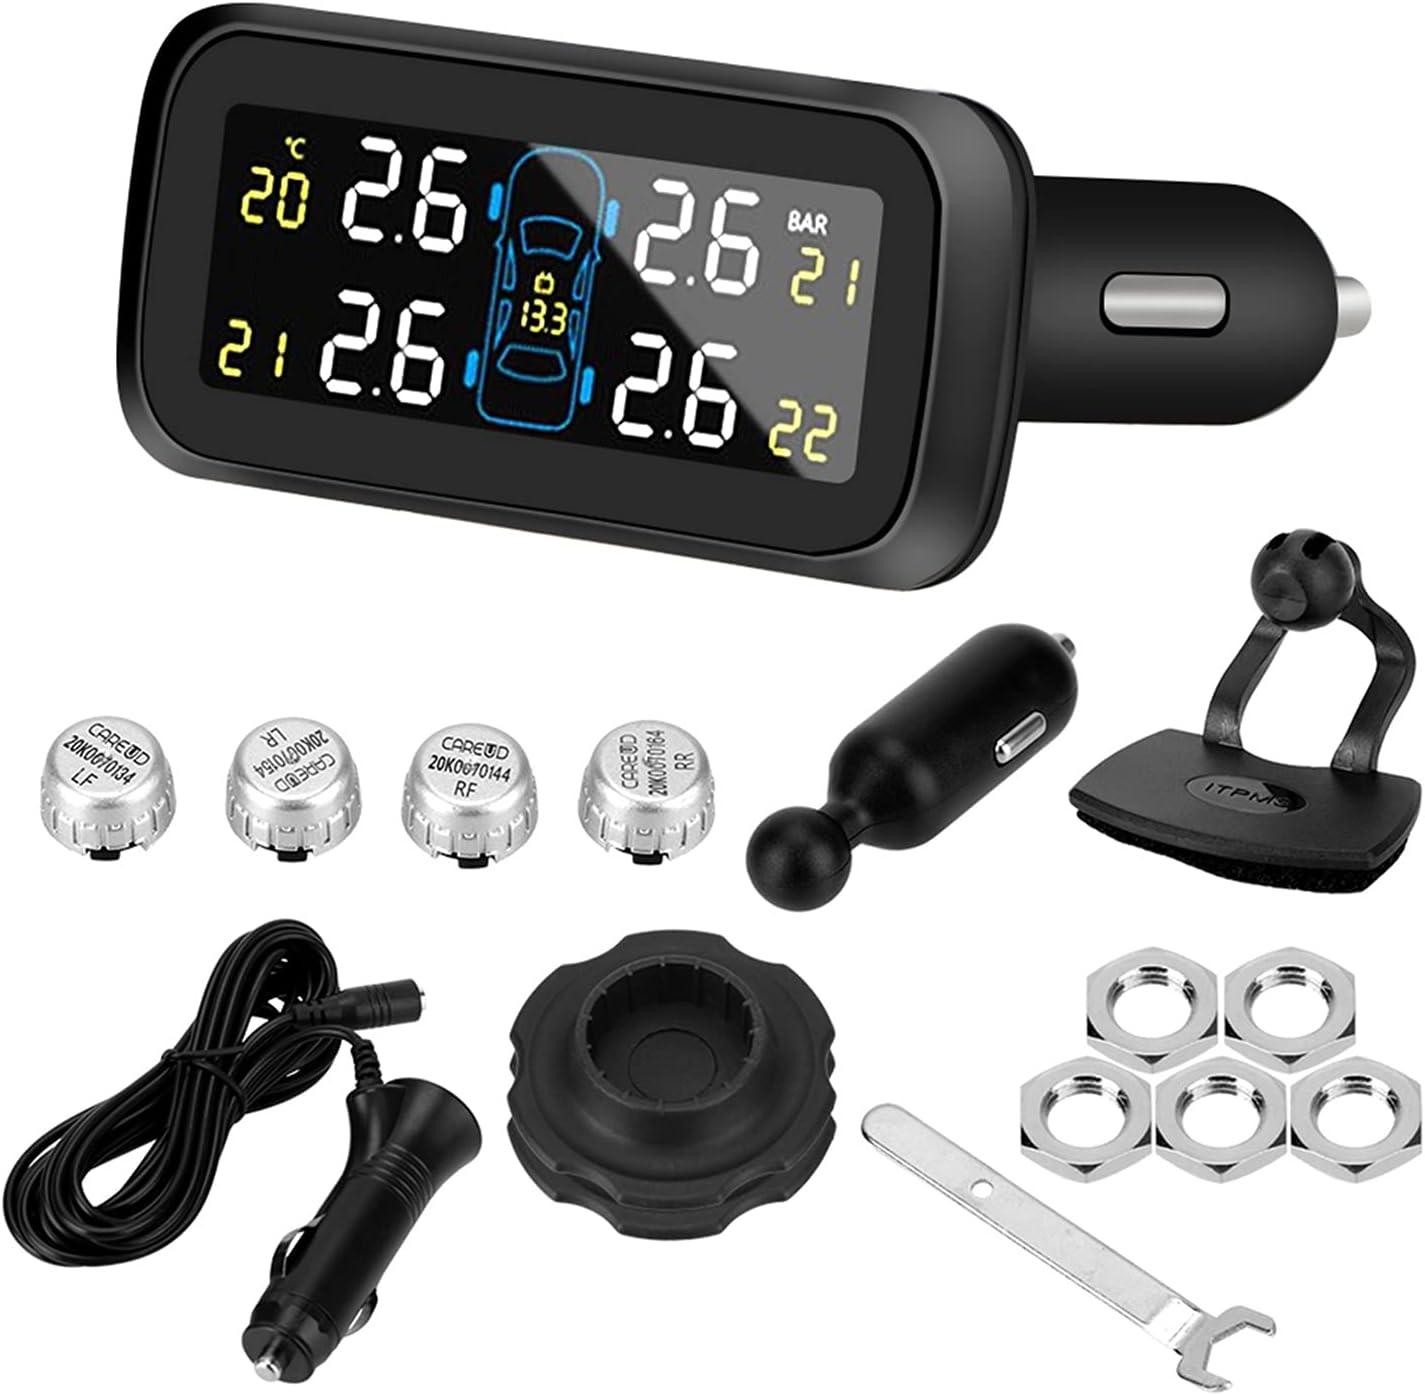 para remolques de Viaje Sistema de monitoreo de presión de neumáticos Inteligente Tipo de Encendedor de Cigarrillos TPMS Digital inalámbrico LCD Mostrar Sistemas de Alarma automática TPMS